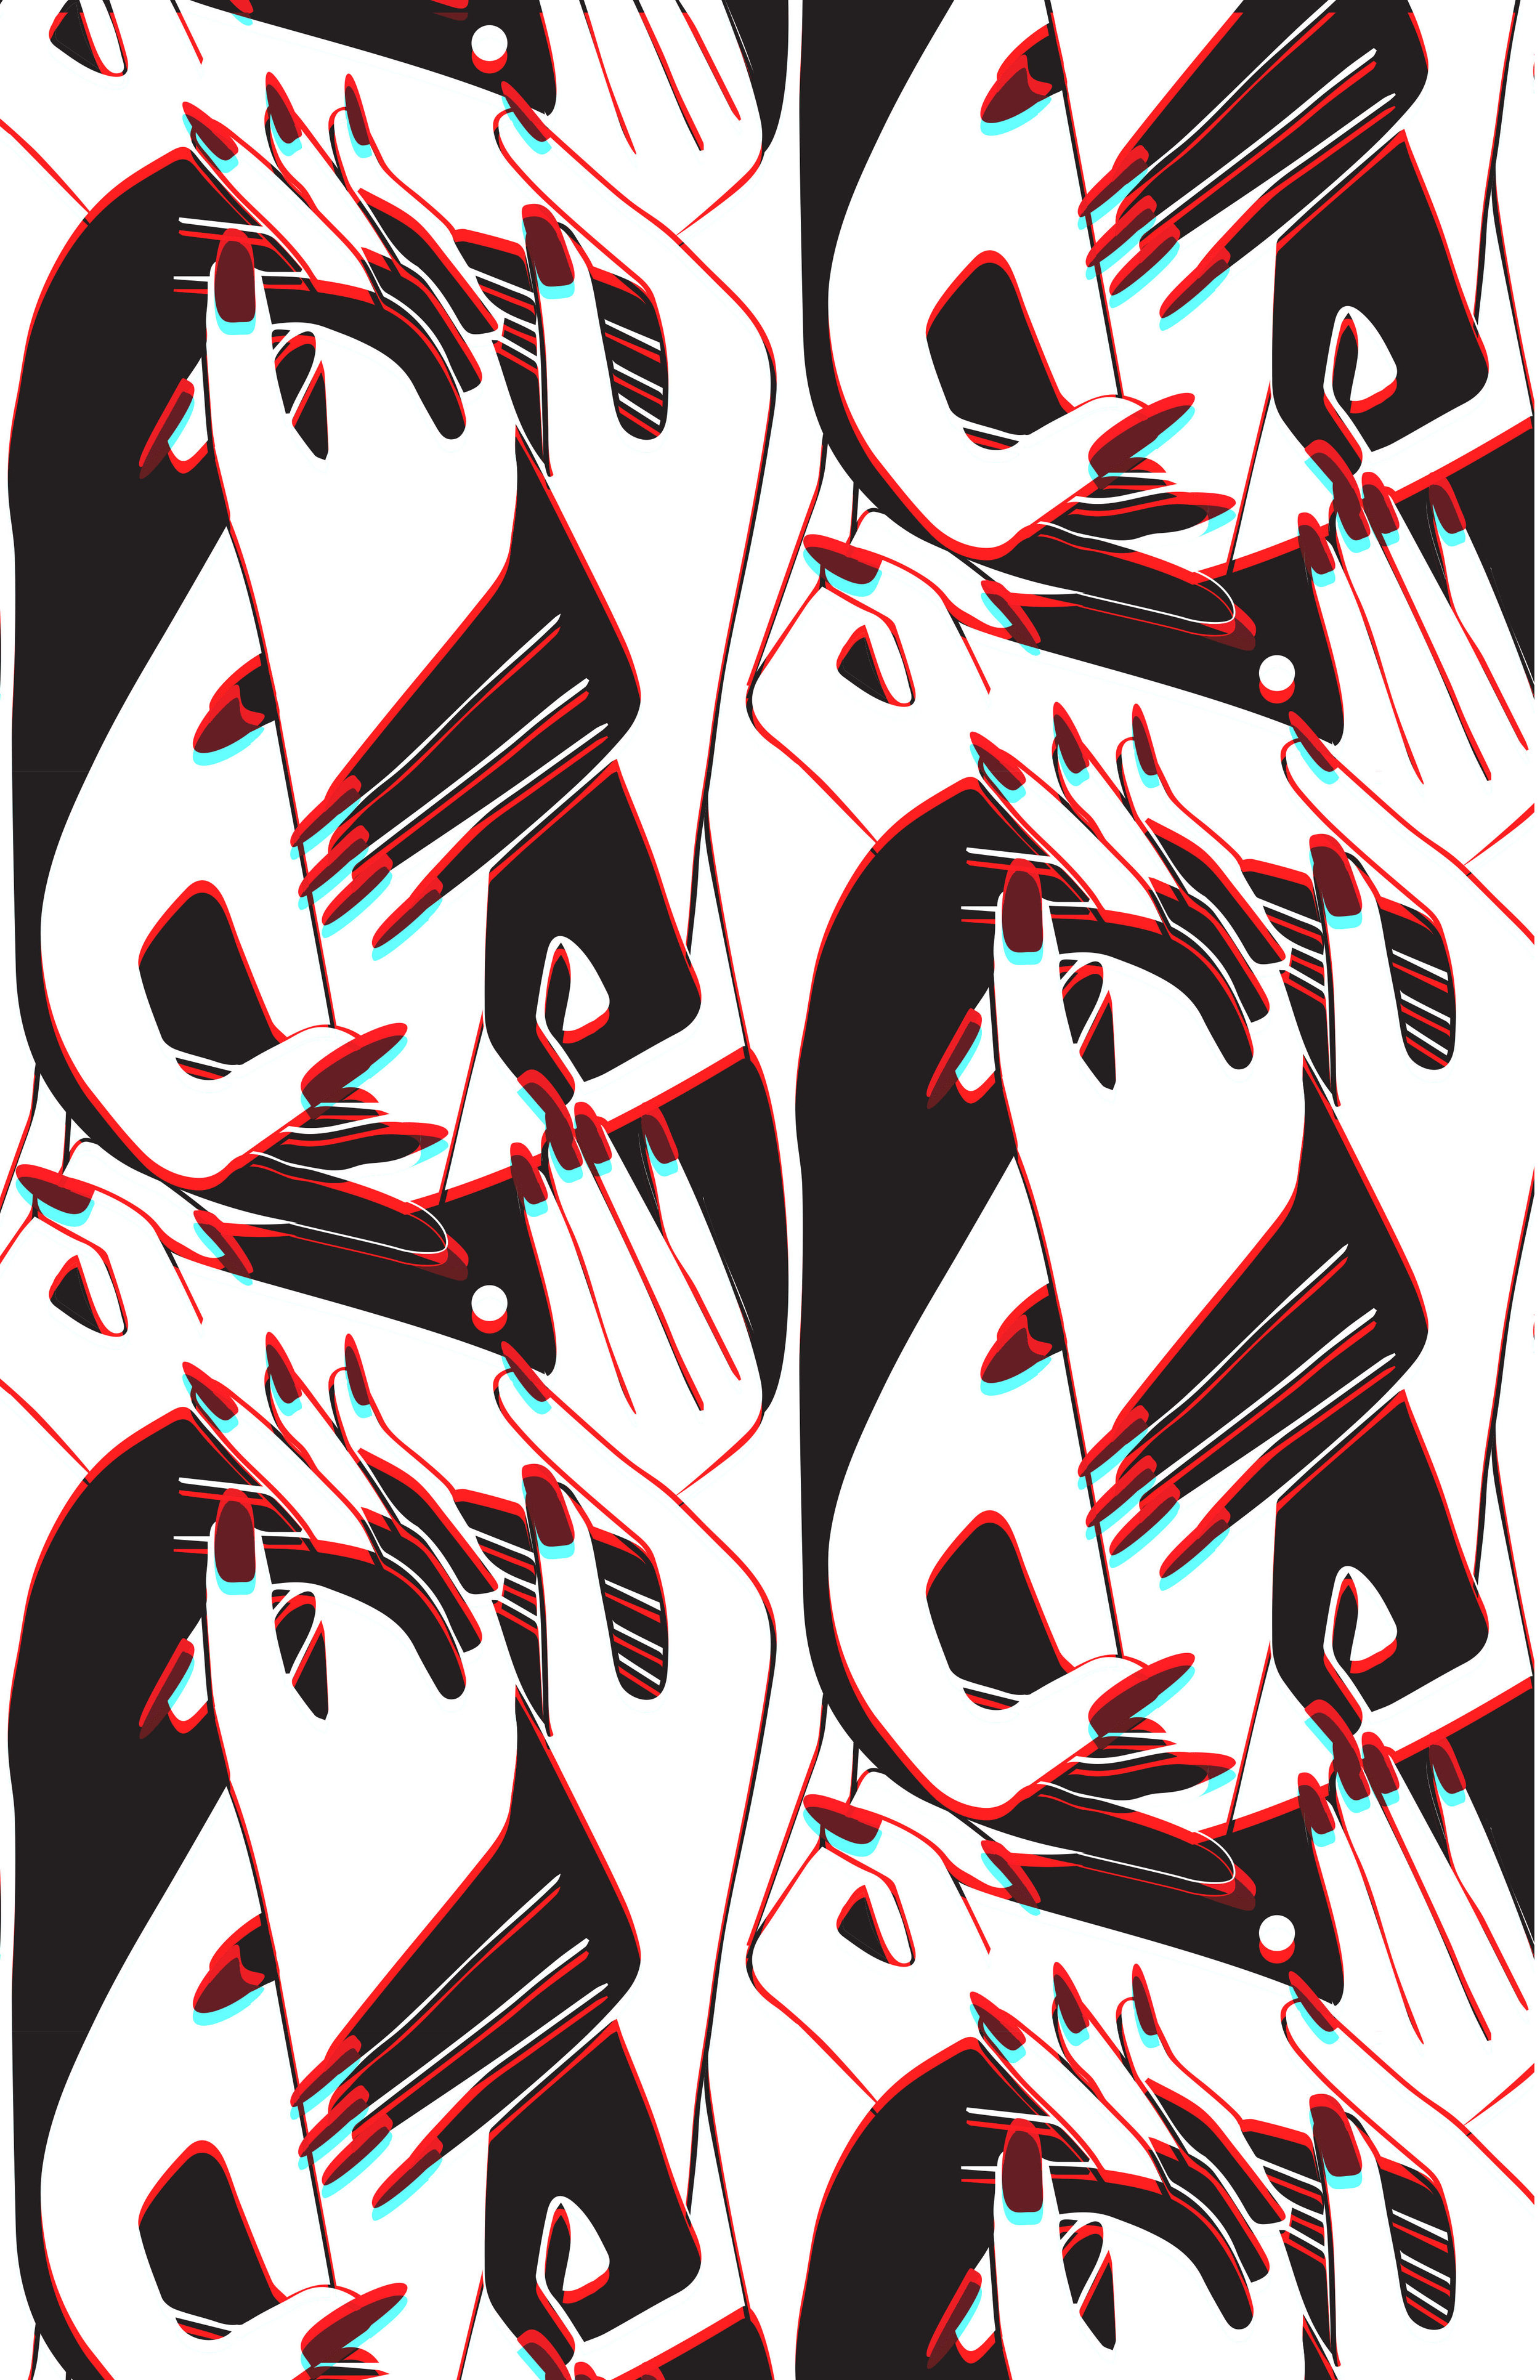 hands3d.jpg